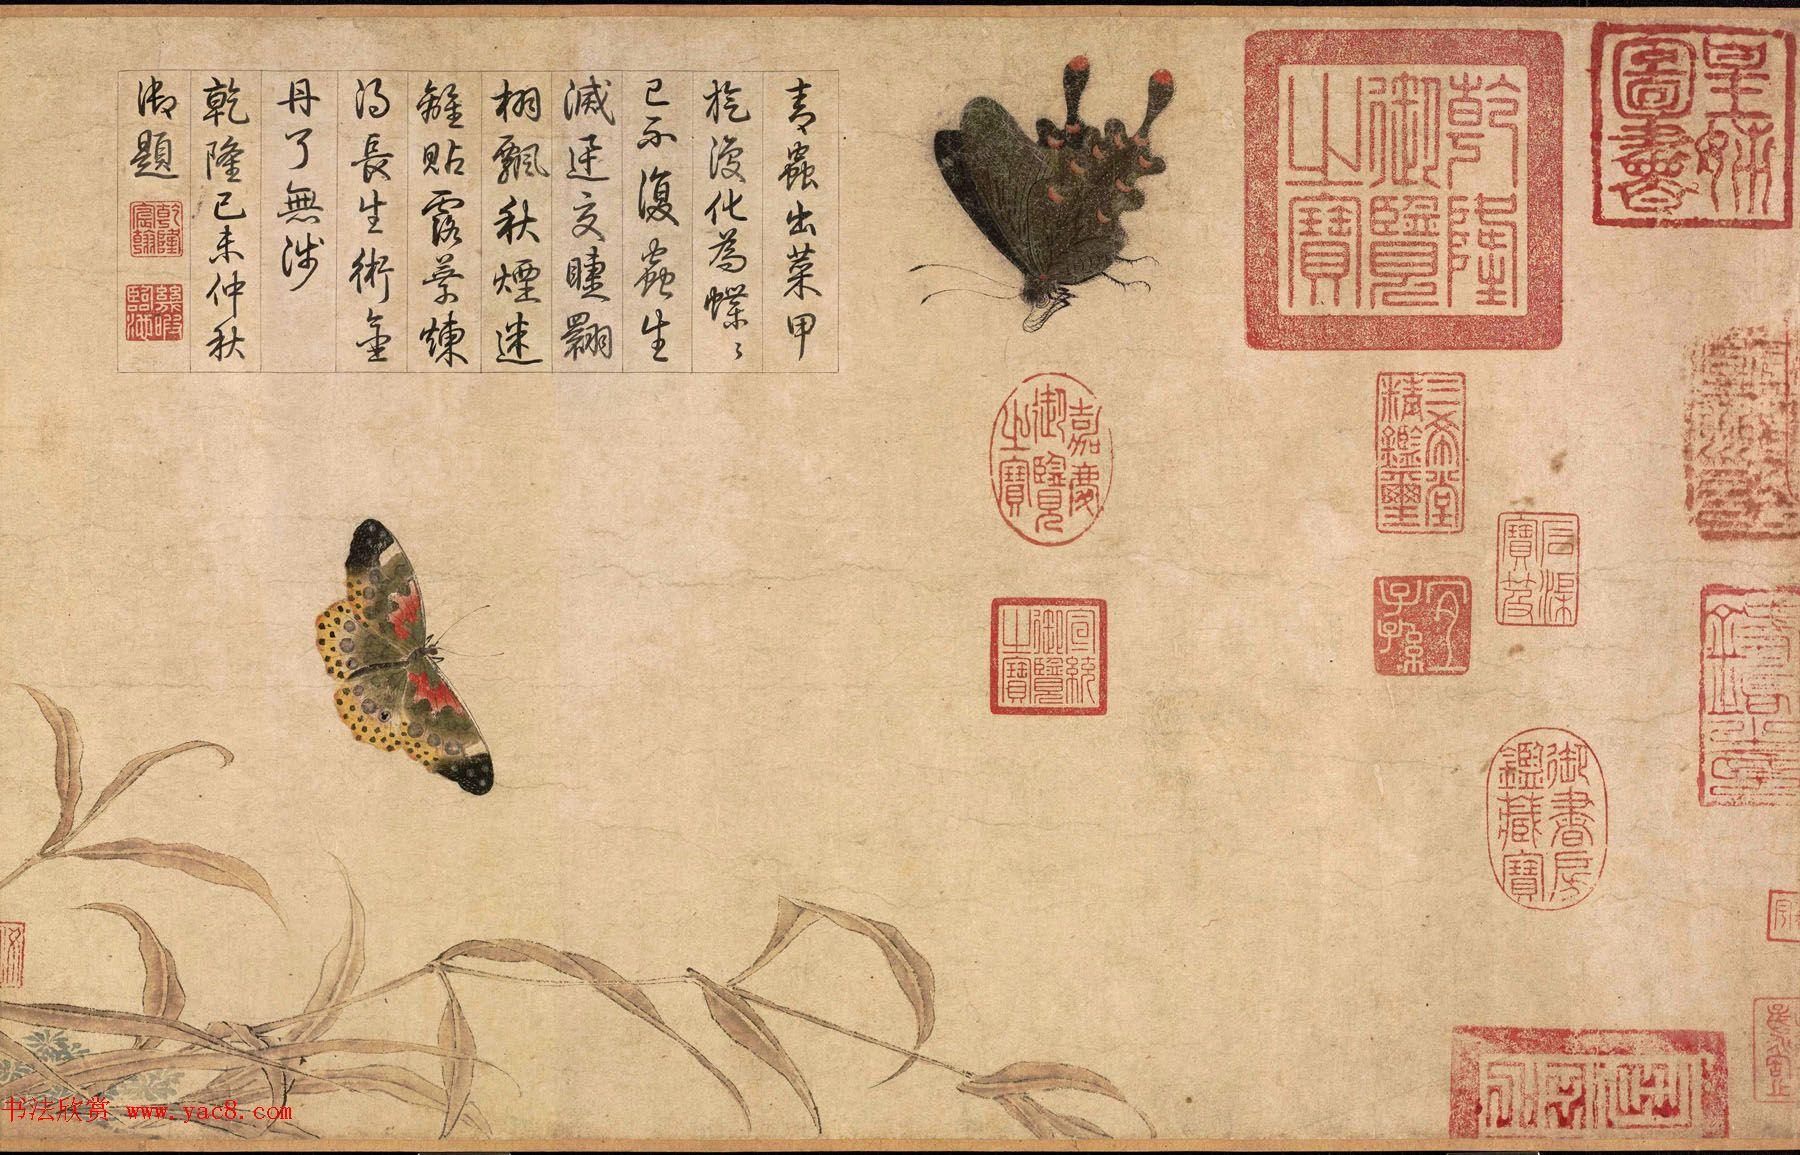 北宋宫廷画家赵昌绘画赏析《写生蛱蝶图卷》